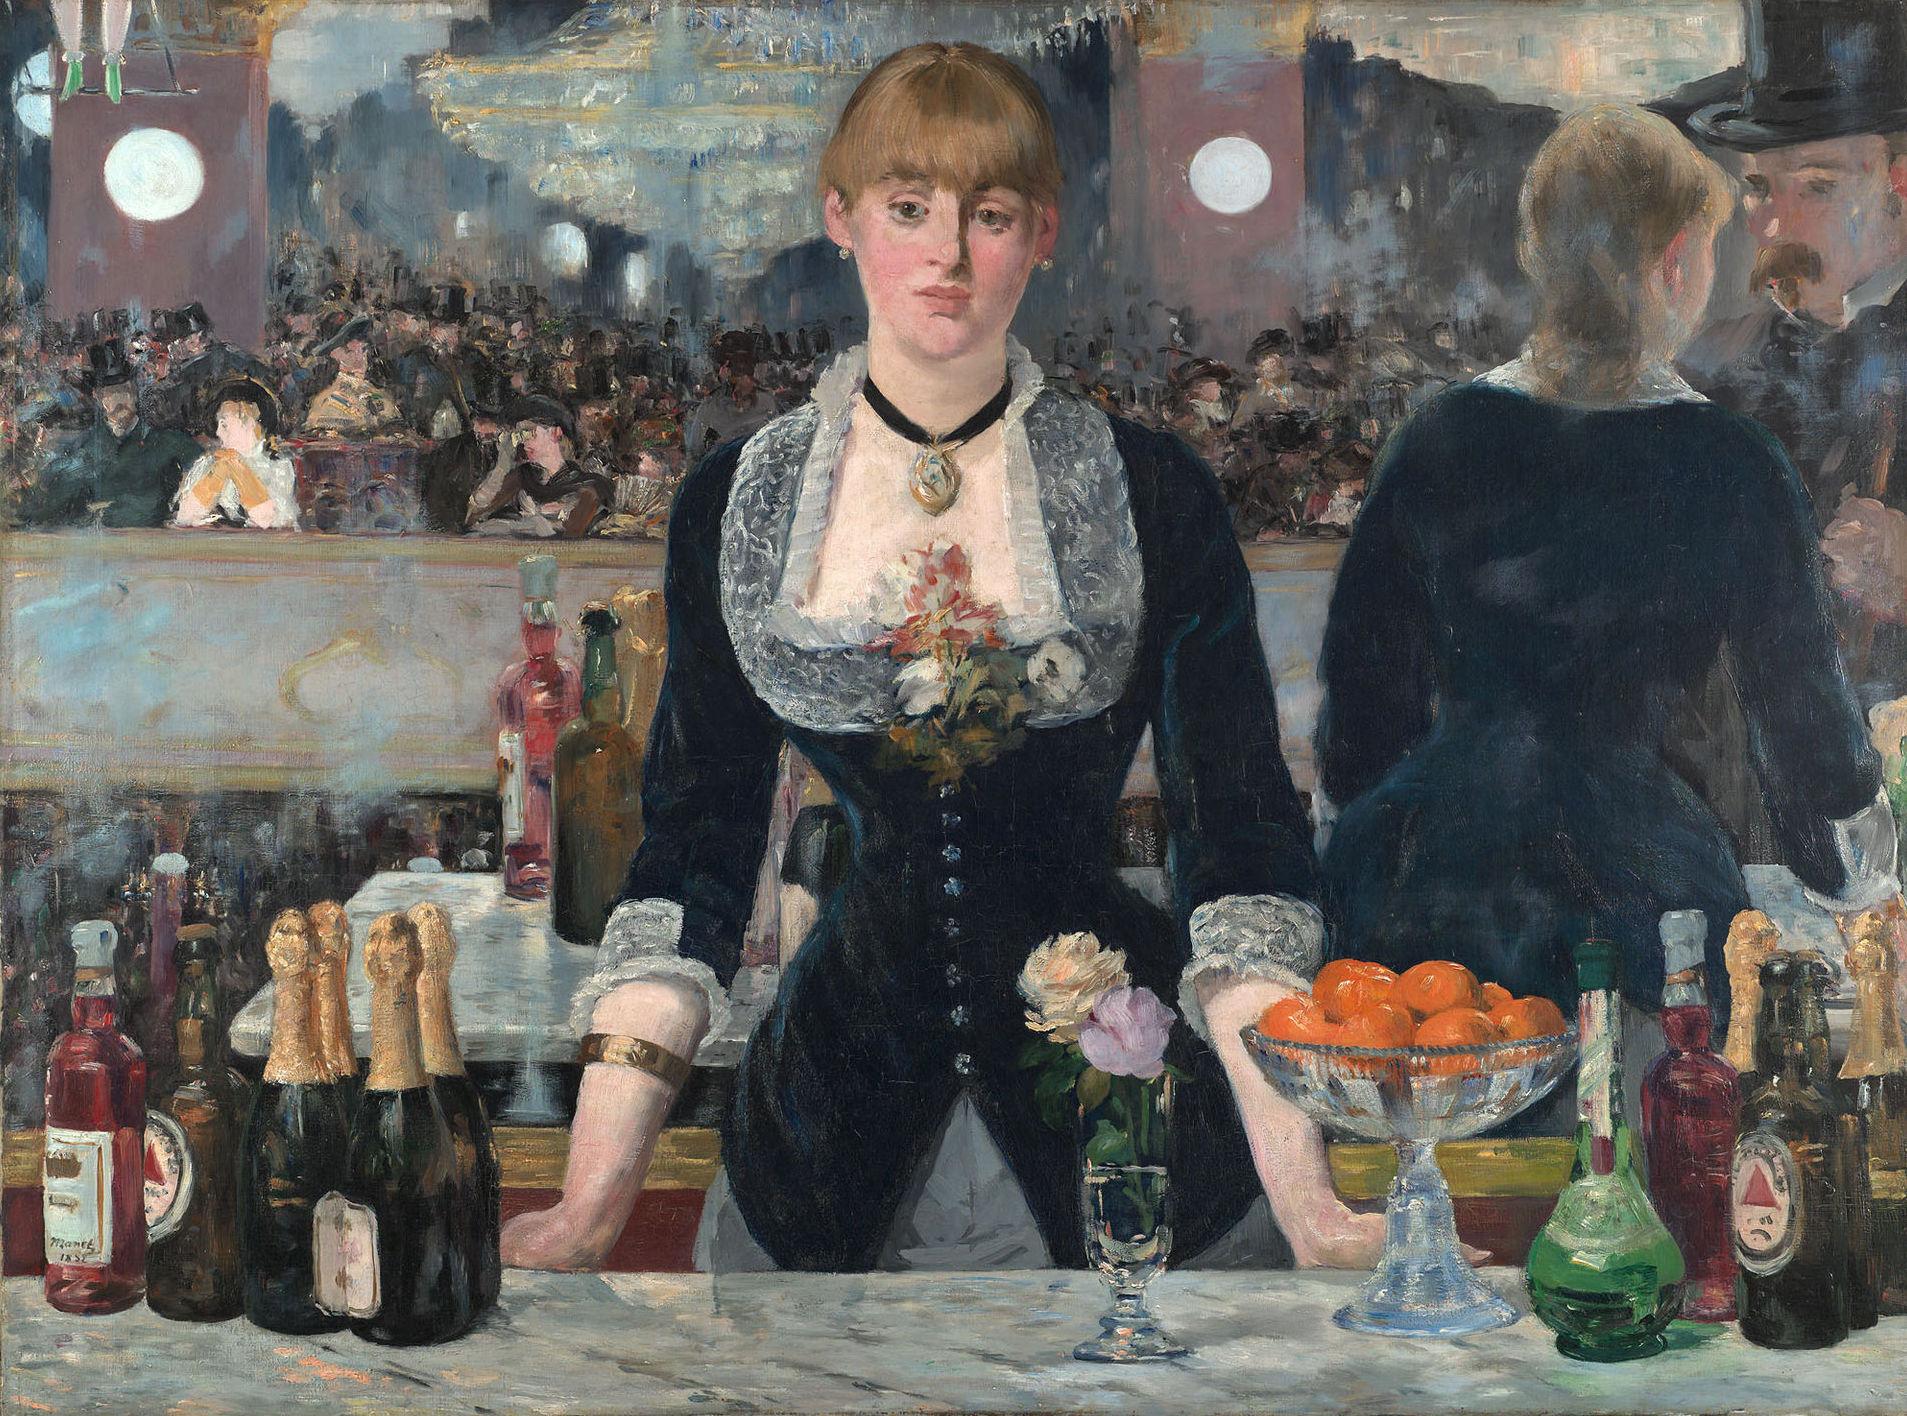 Il bar delle Folies-Bergère  (Un bar aux Folies Bergère) è uno dei dipinti più celebri del pittore francese Édouard Manet, realizzato tra il 1881 e il 1882 oggi è conservato alla Courtauld Gallery di Londra.